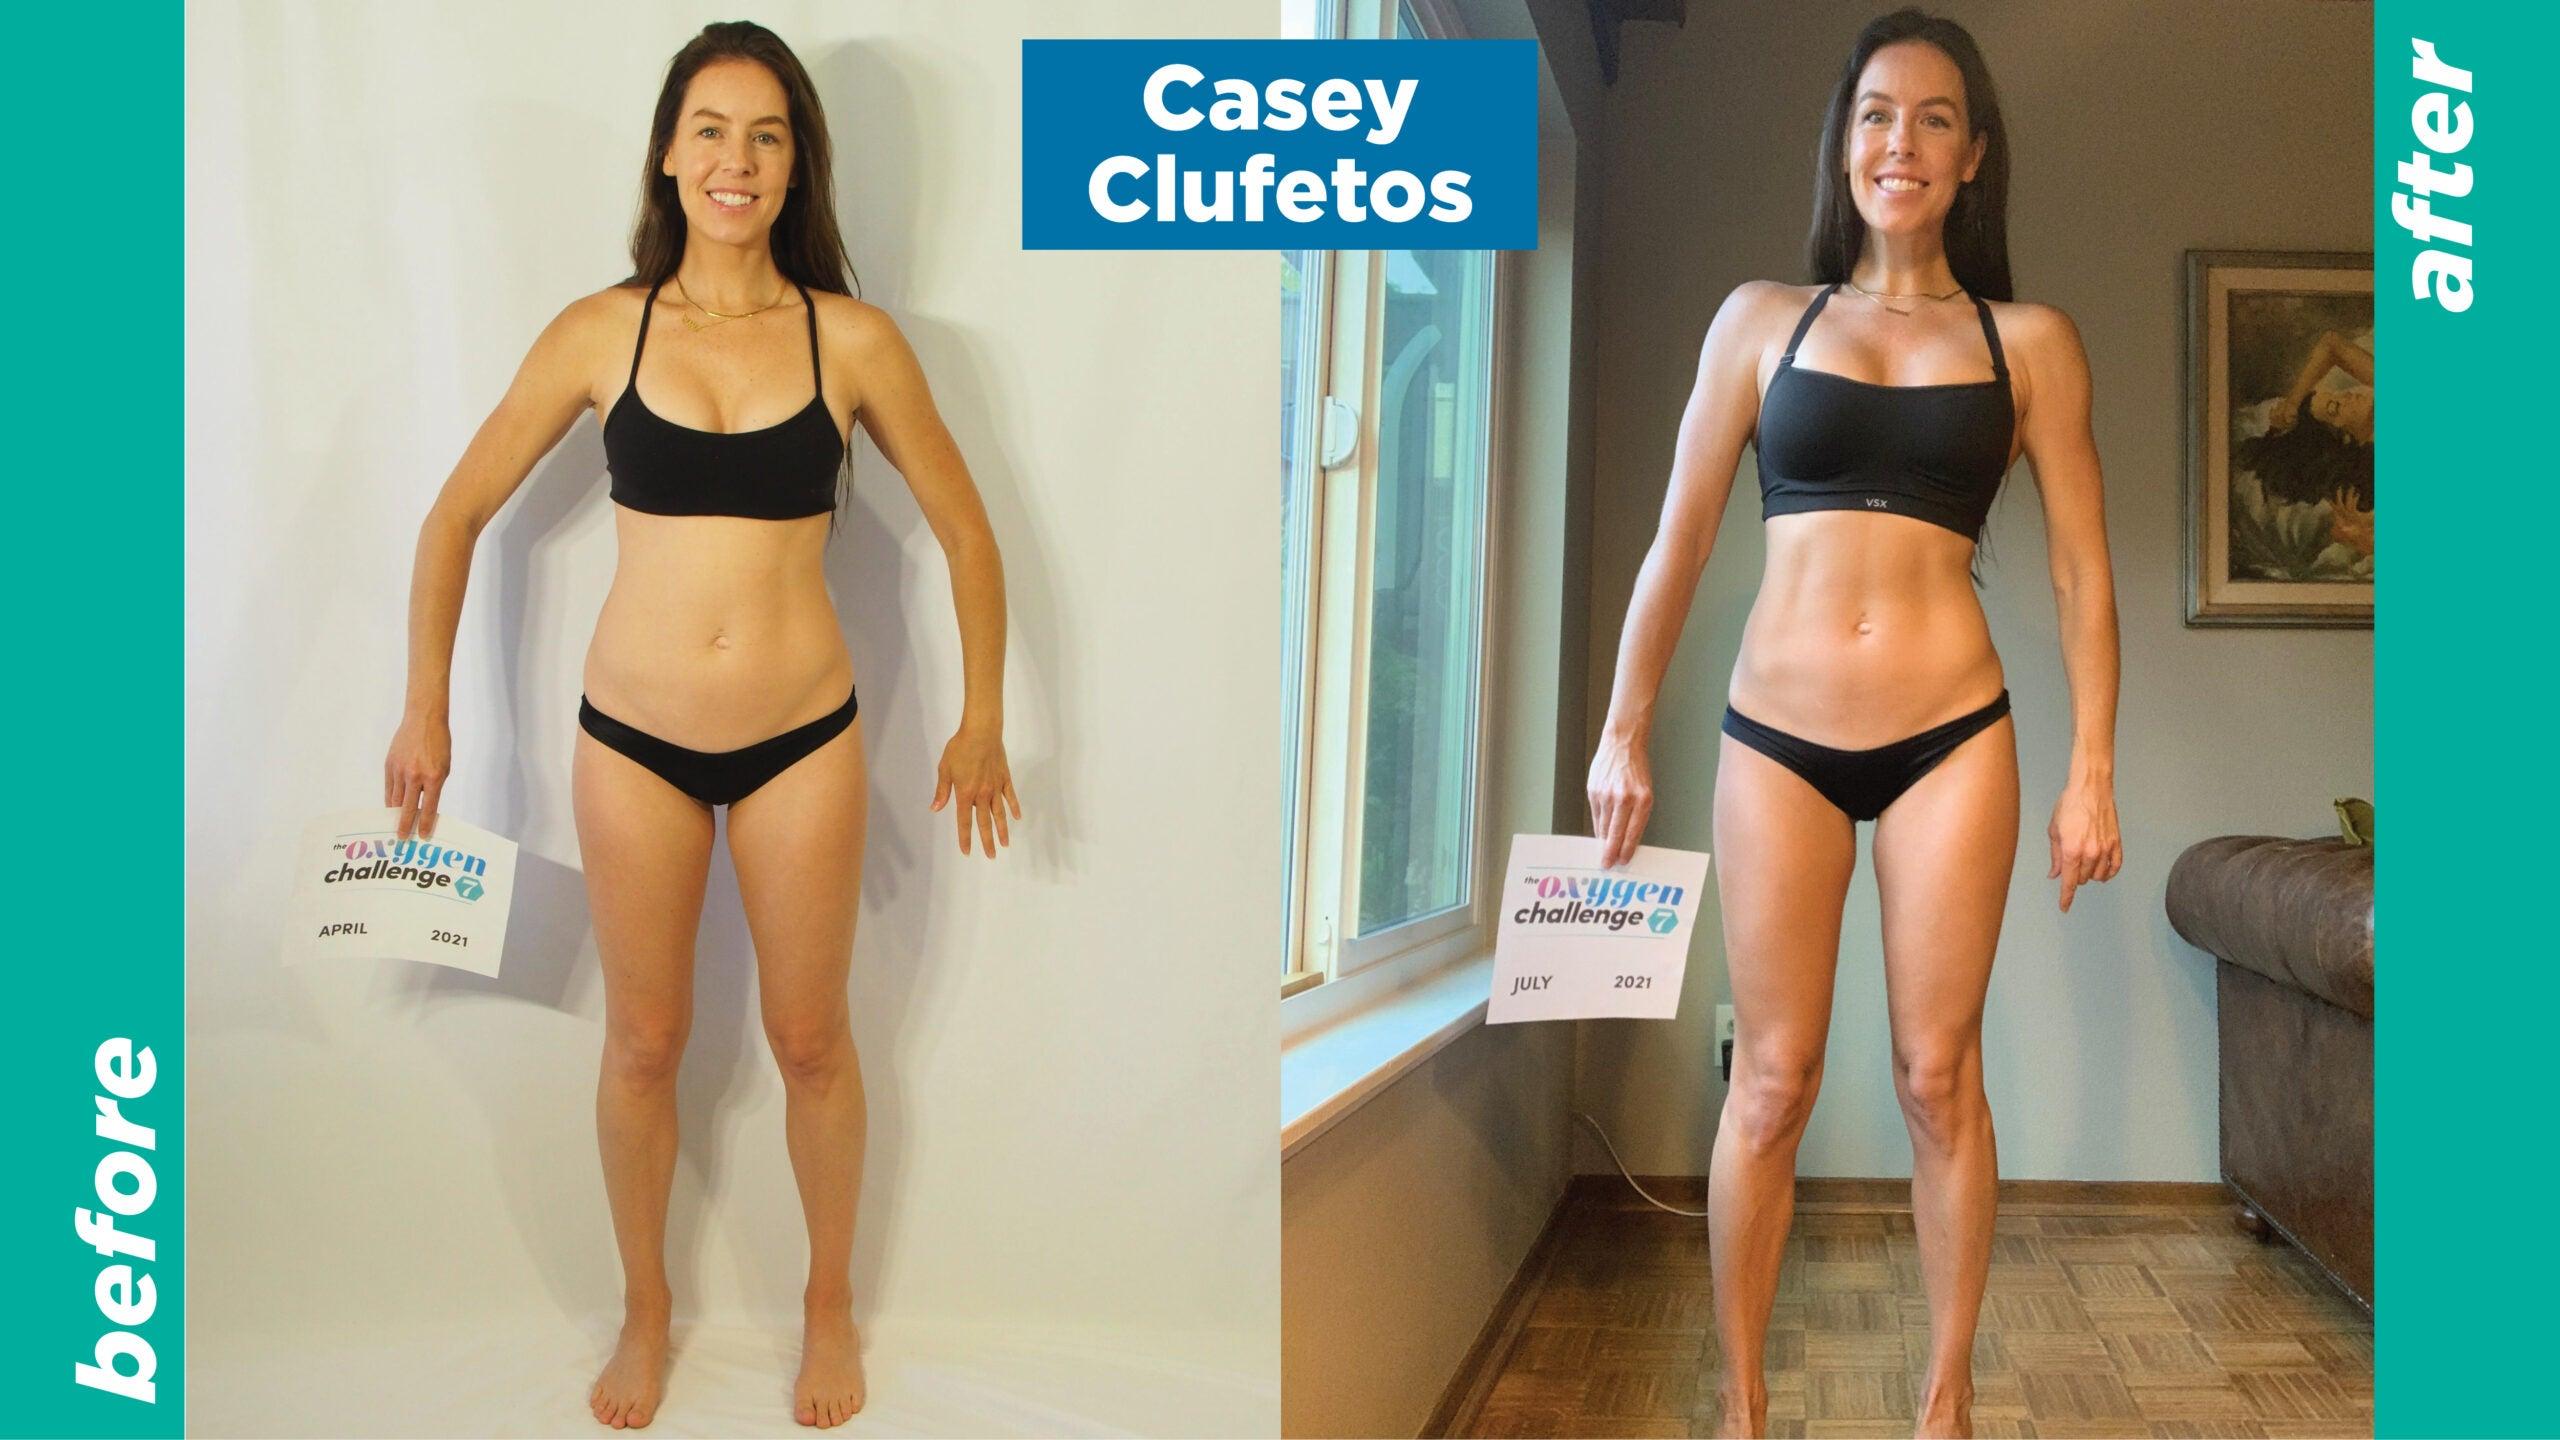 Casey Clufetos 2